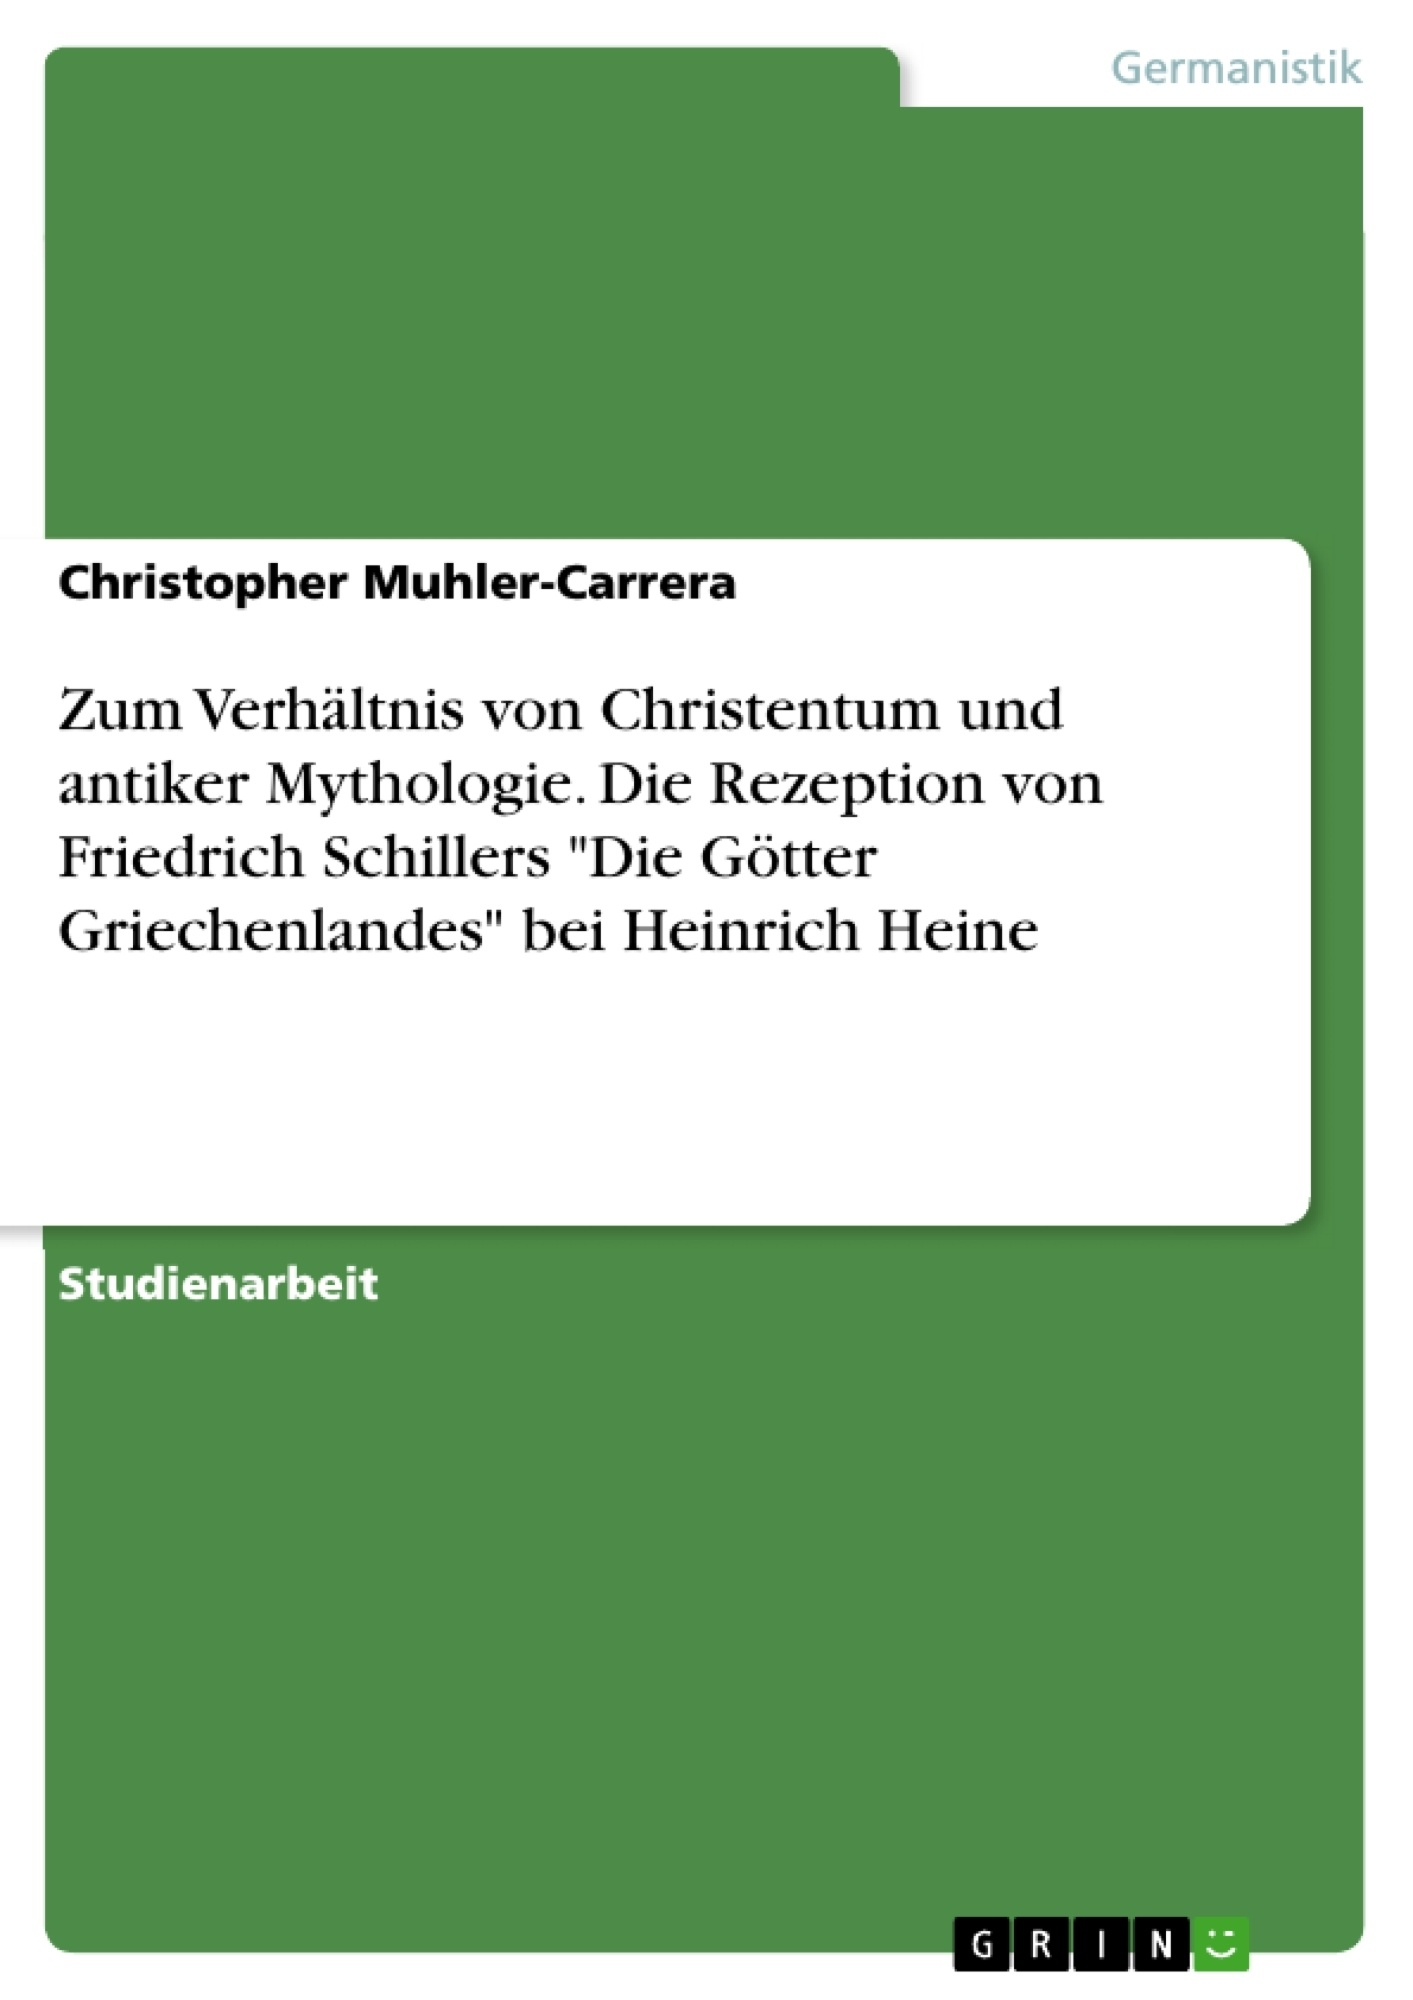 """Titel: Zum Verhältnis von Christentum und antiker Mythologie. Die Rezeption von Friedrich Schillers """"Die Götter Griechenlandes"""" bei Heinrich Heine"""